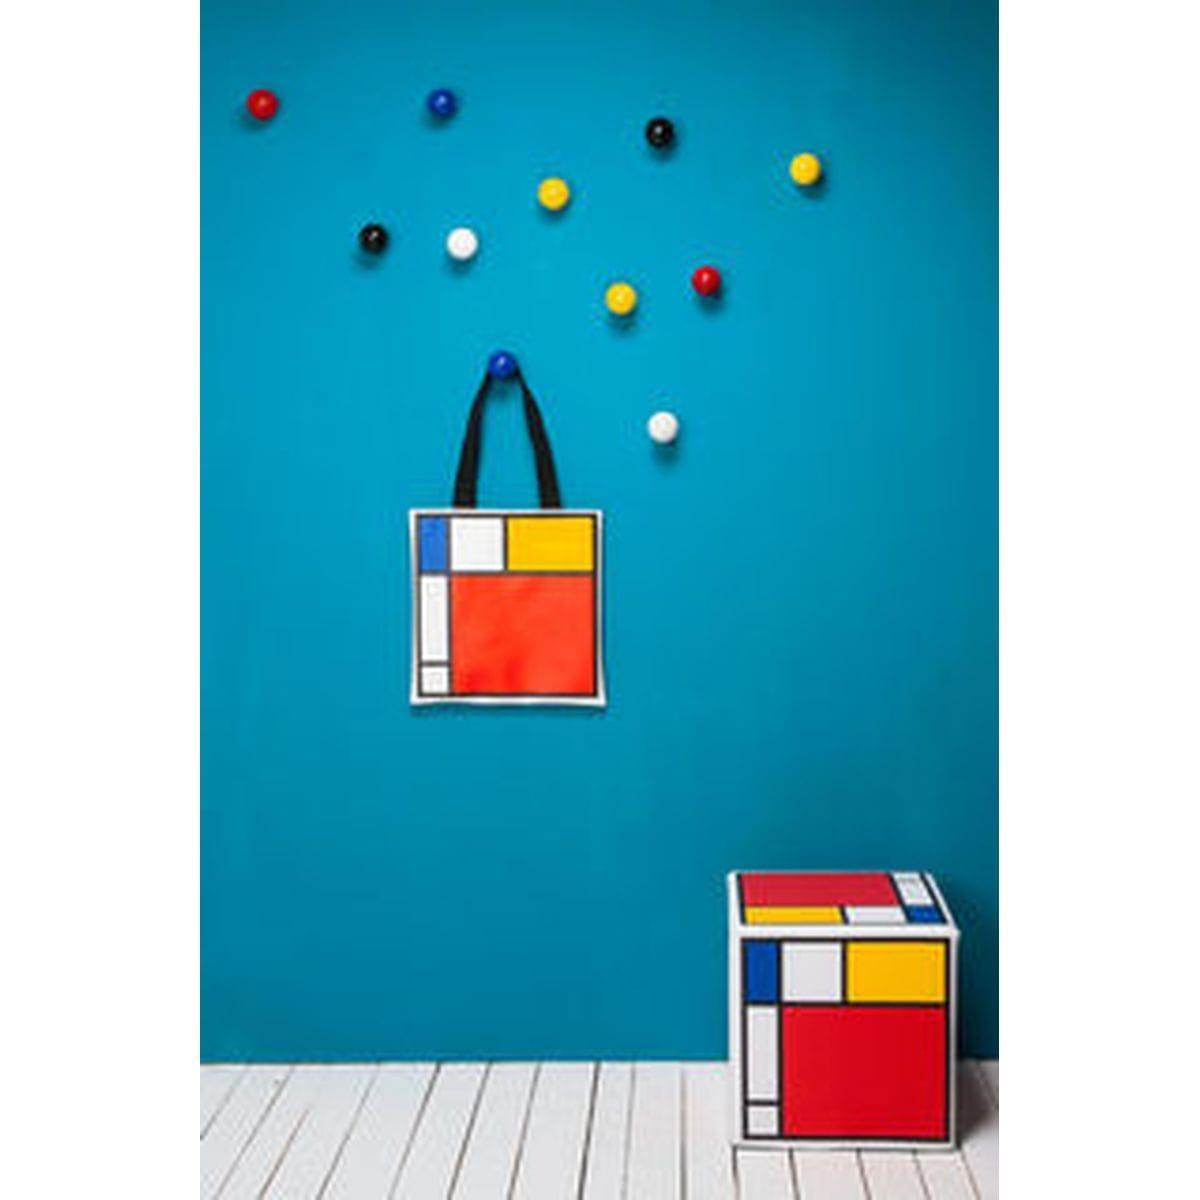 palline appendiabiti colorate in ordine sparso su parete azzurra